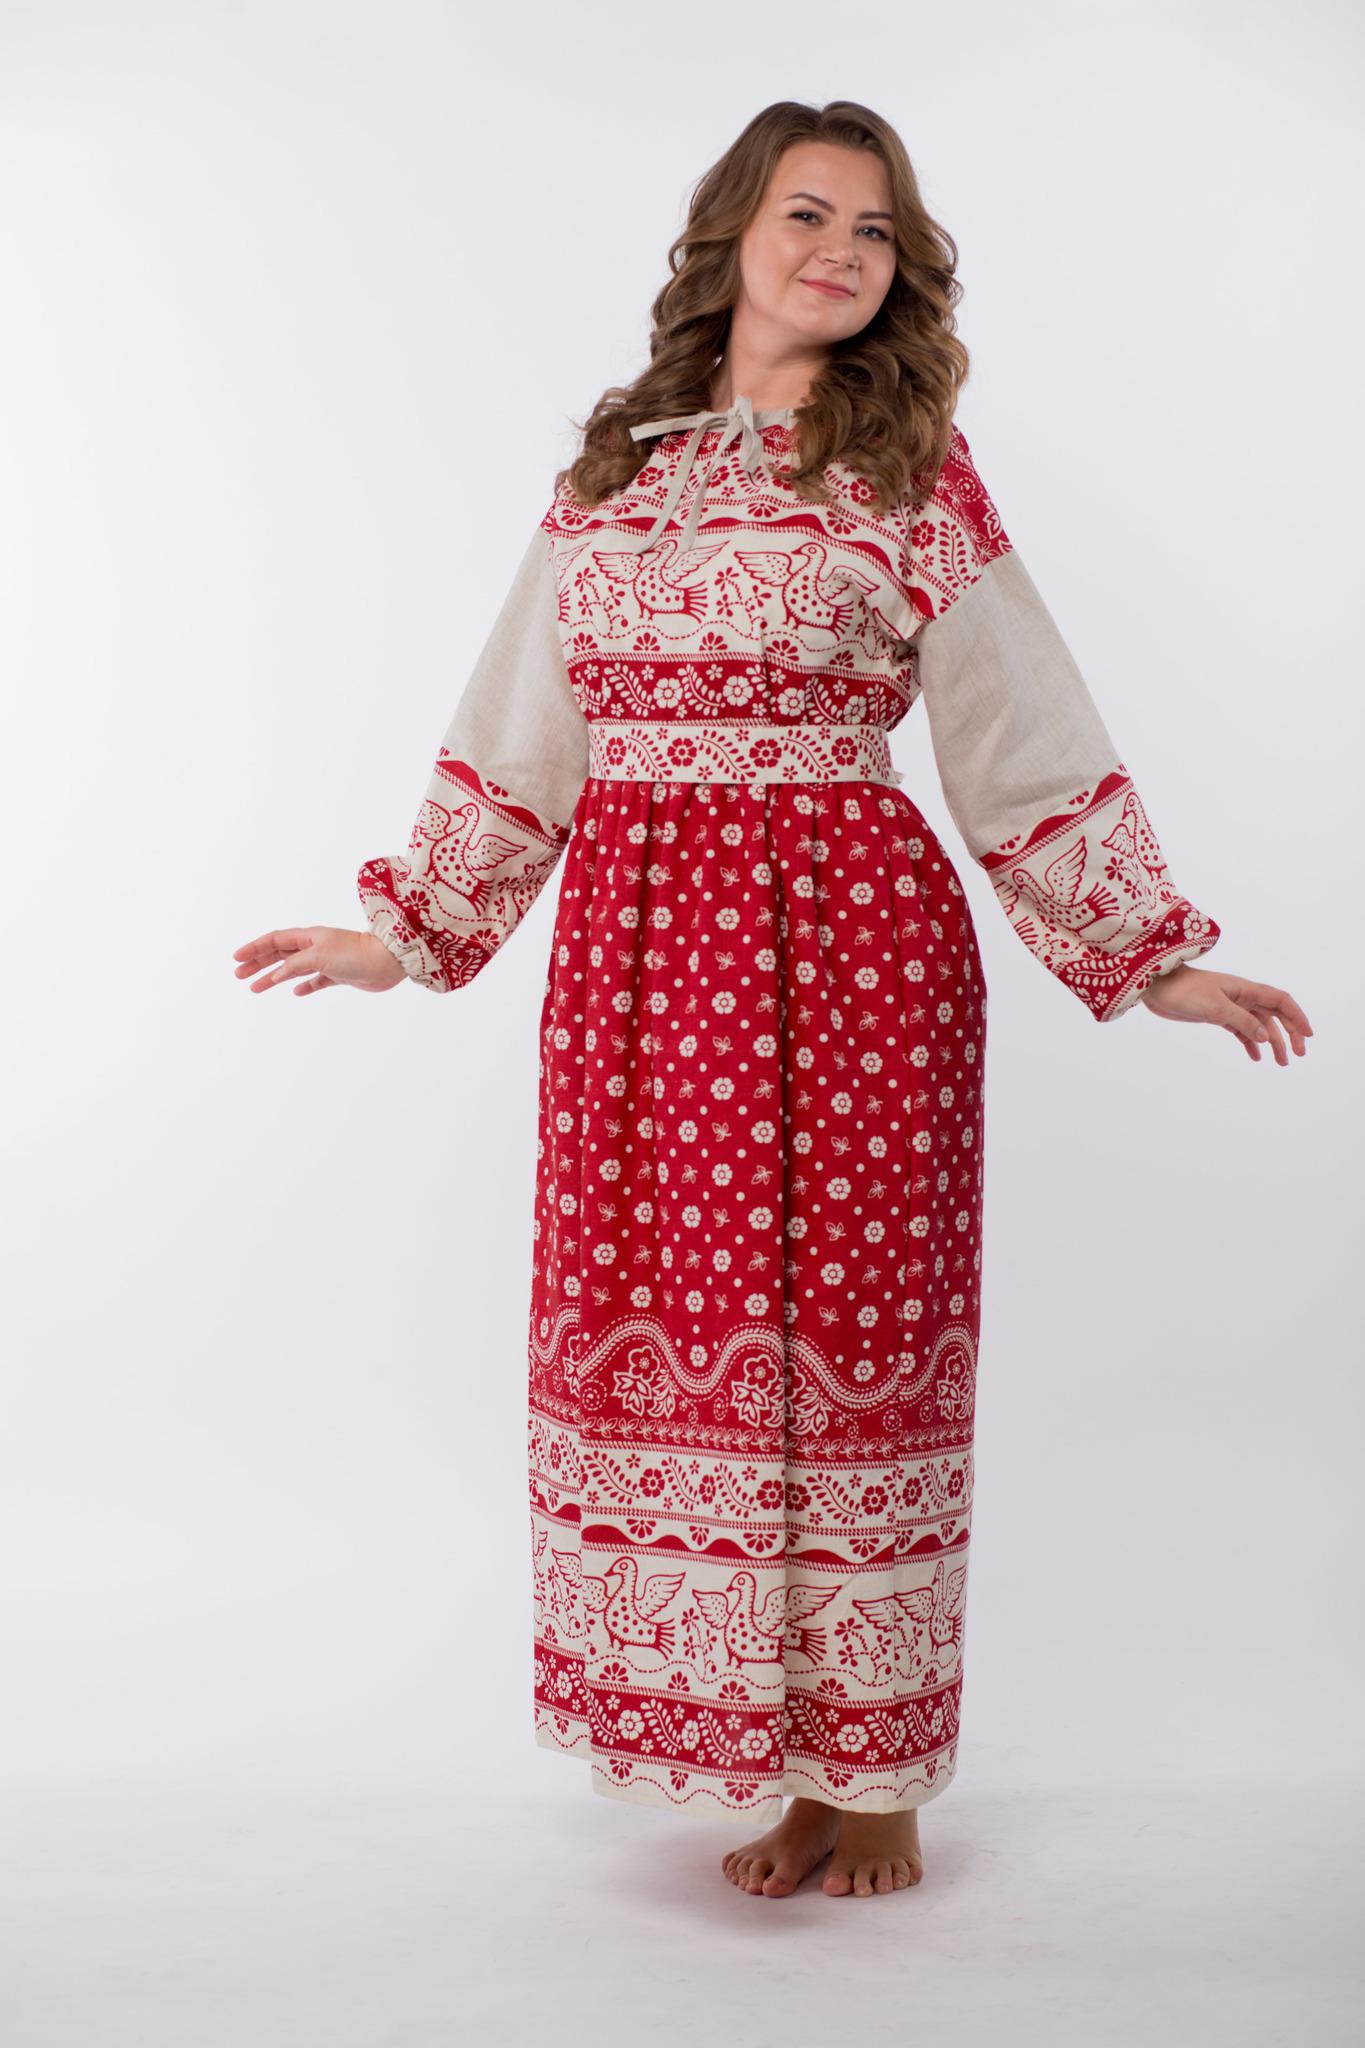 Платье льняное Певчее размер 50-52 полубоком